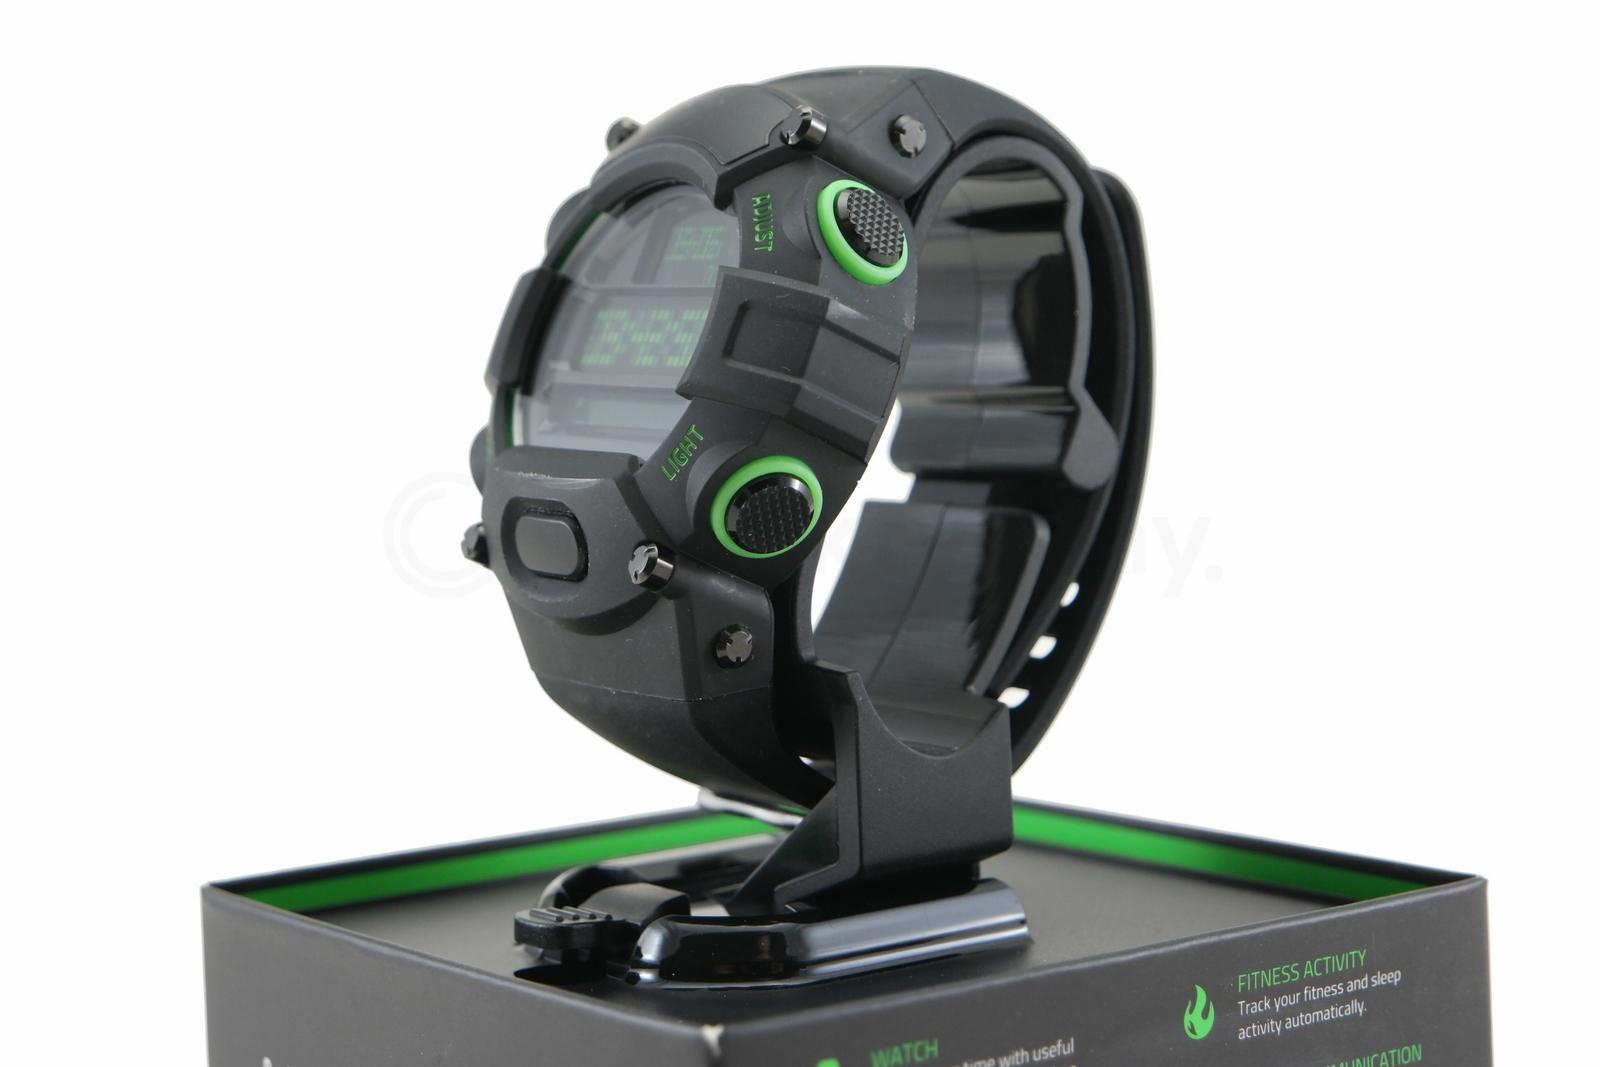 Razer Nabu Watch Test Hybrydowego Smartwatcha Eksponuje Na Wysuwanym Stojaku W Podstawce Znajduje Si Przegrdka Akcesoria Postaci Magnetycznego Przewodu Do Adowania O Dugoci